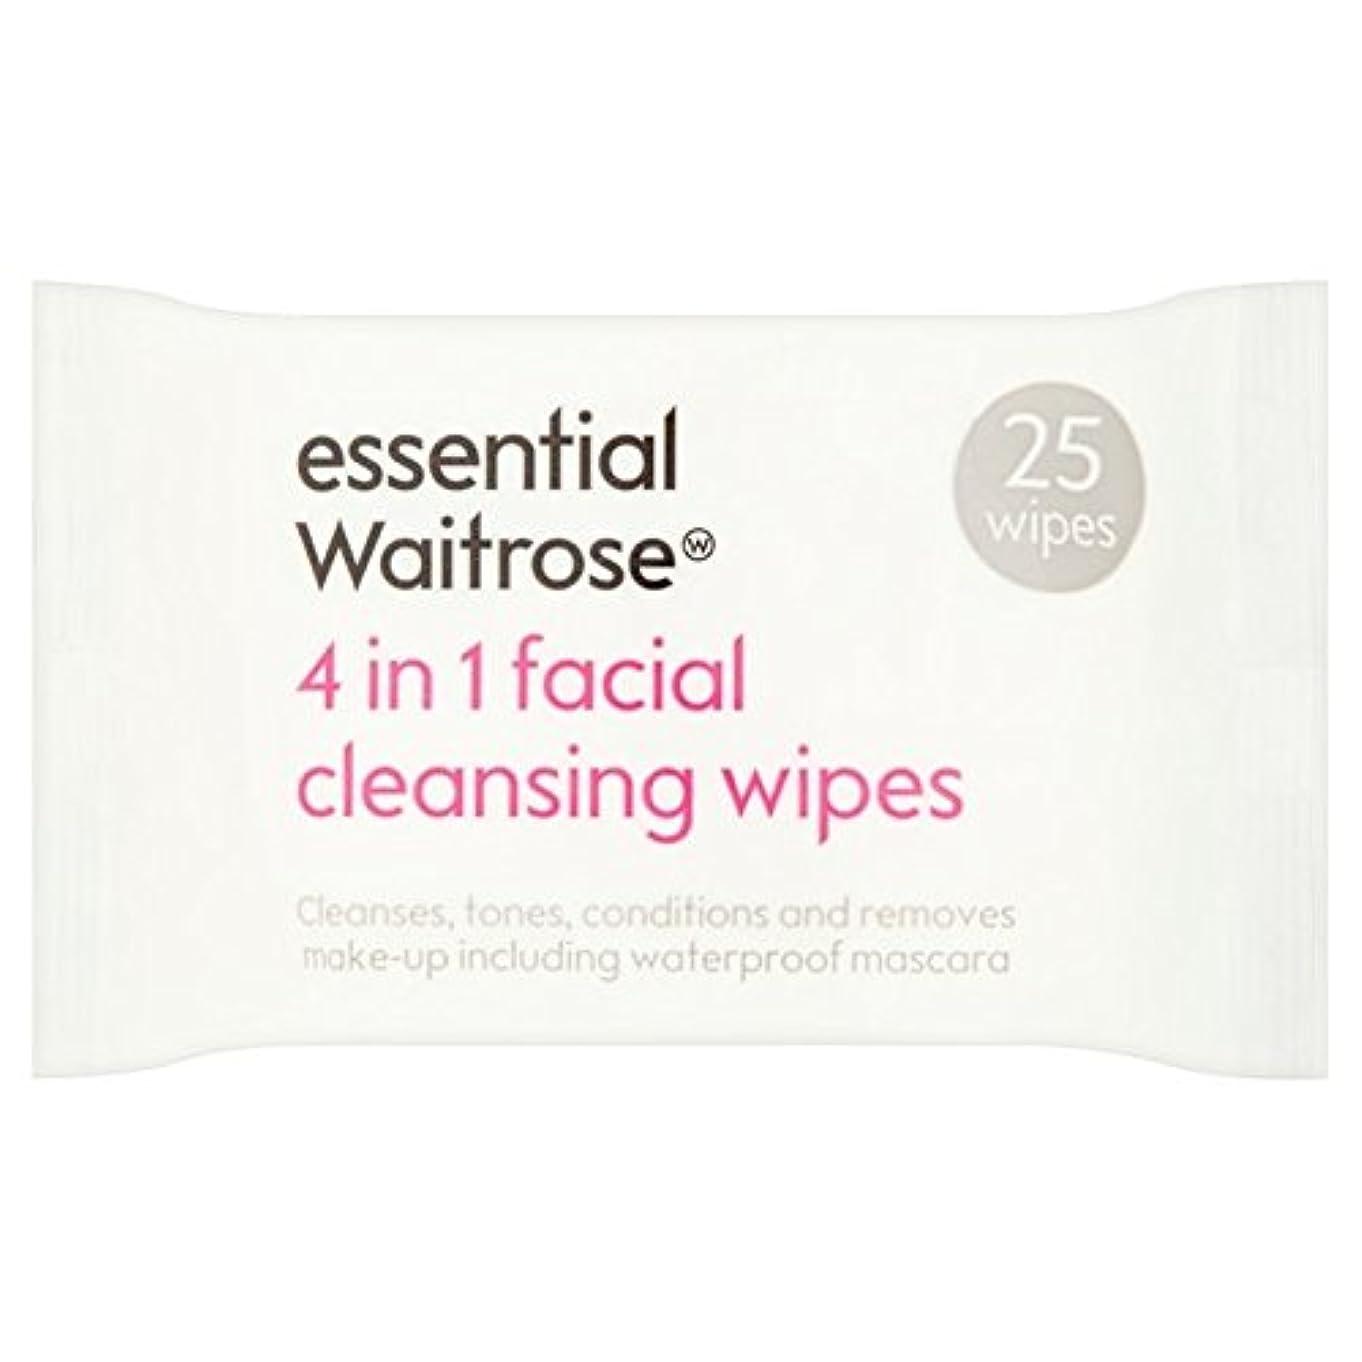 平手打ちなぞらえる隔離3 in 1 Facial Wipes essential Waitrose 25 per pack - 3 1での顔のワイプパックあたり不可欠ウェイトローズ25 [並行輸入品]